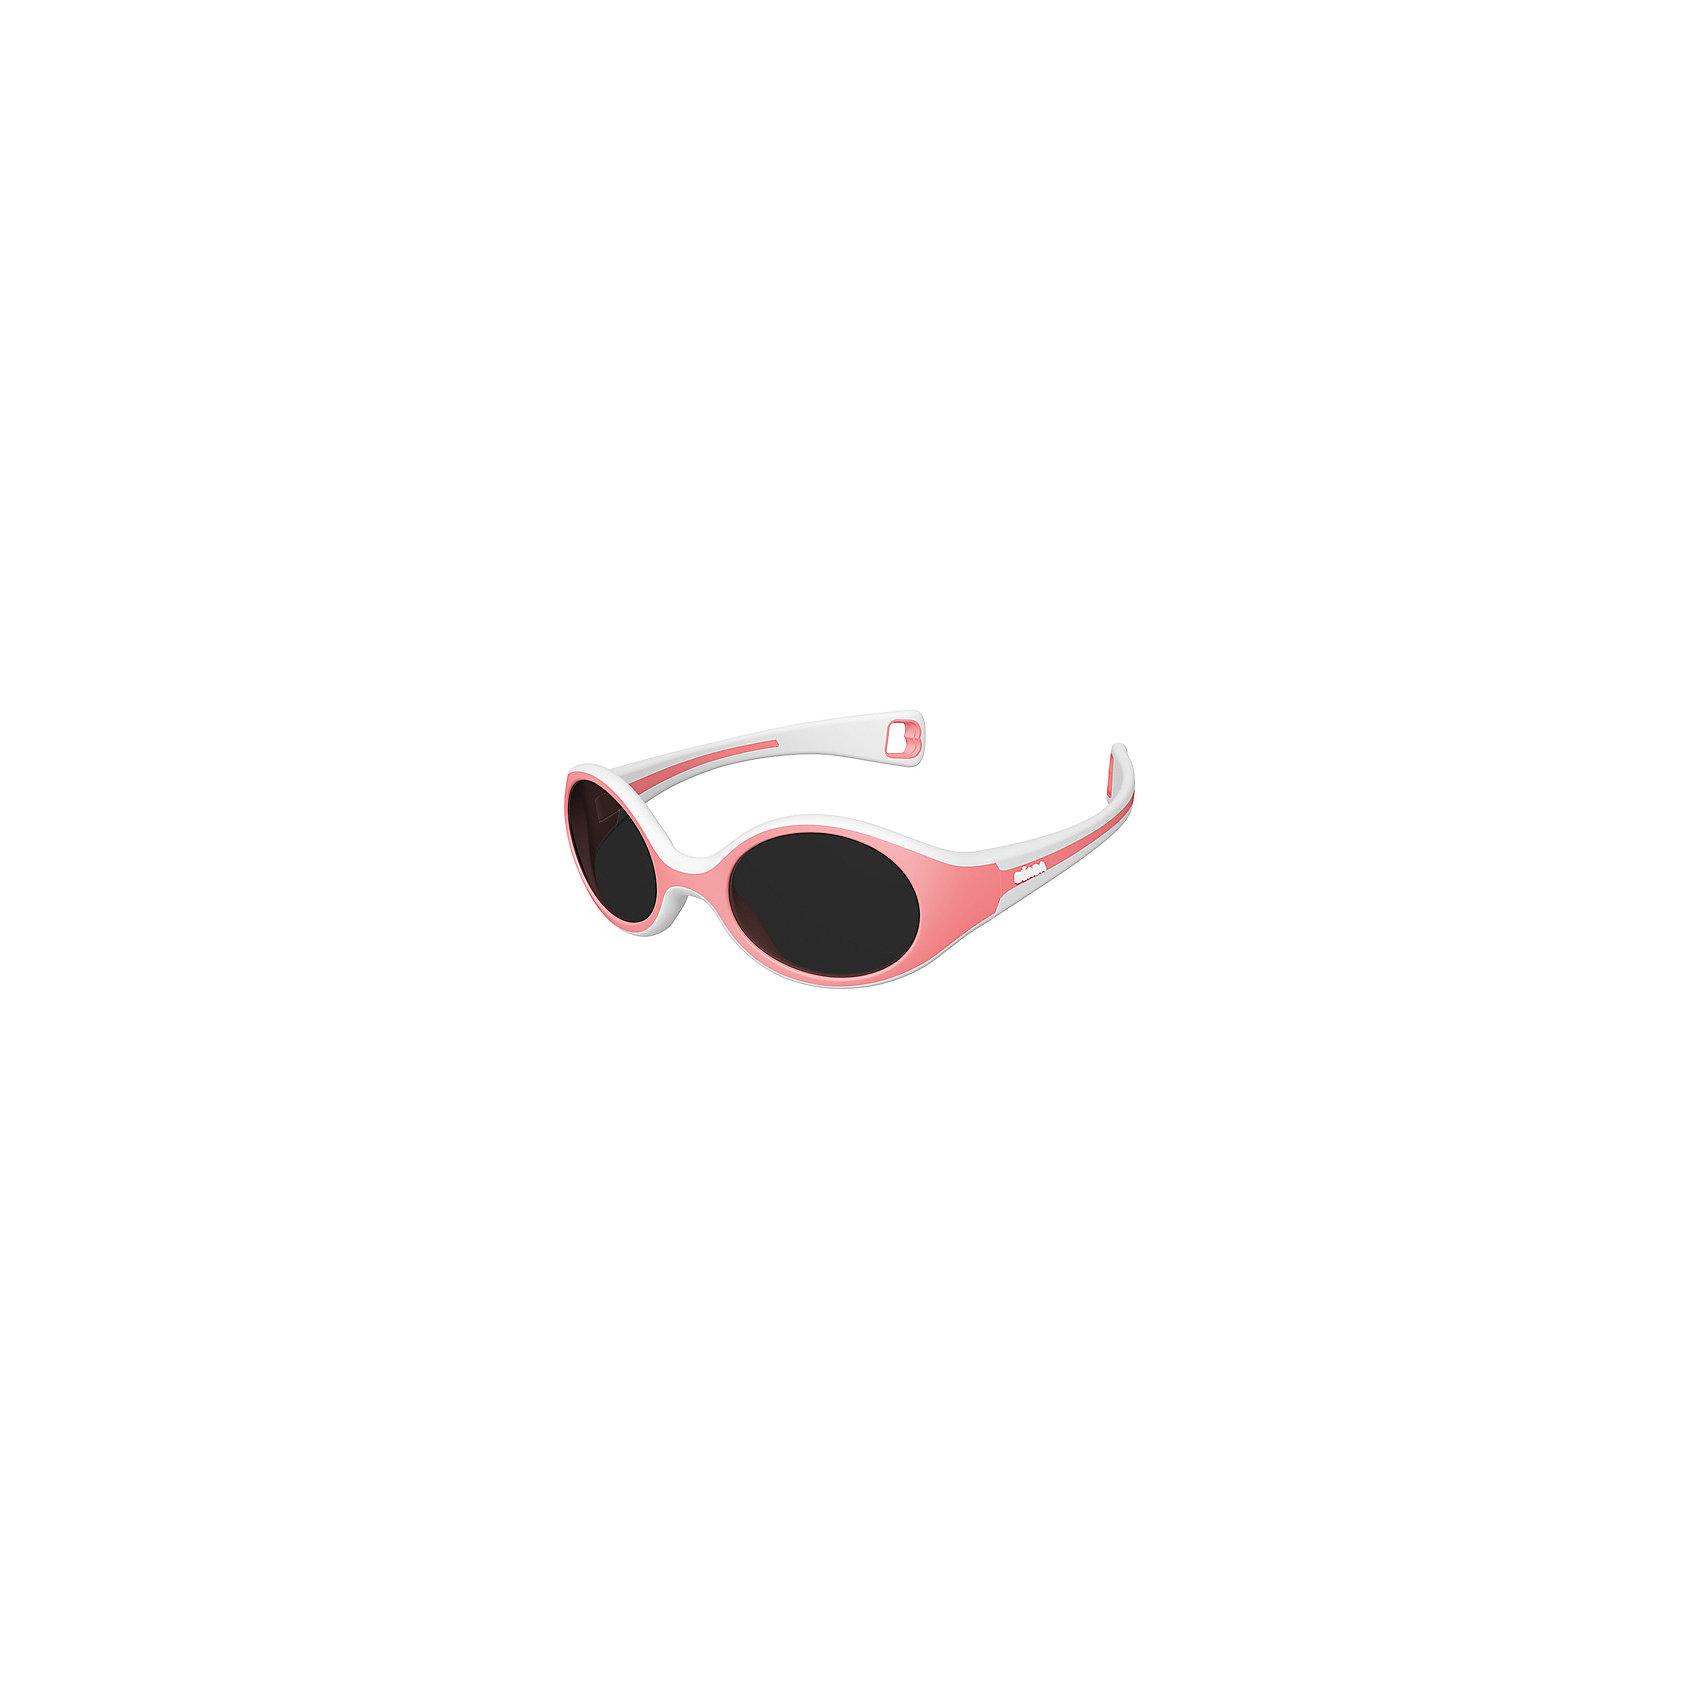 Солнцезащитные очки Sungalesses Baby 360°, р-р S, Beaba, розовыйСолнцезащитные очки<br>Французская пластиковая долина: Ойонна : <br>Настоящее ноу-хау для Франции и всего мира<br>Специализированная экспертиза. Весомые аргументы для наших покупателей: <br>Дизайн, пресс-формы, и сборка – всё делается во Франции<br>Неоспоримое конкурентное преимущество над другими очками<br>Гарантия качества в мире оптики<br>Множество сертификатов. Соответствие стандартам очков ISO 12311-1   ISO 12312-1 (стандарты 2015)<br>Гибкий каркас из полипропилена и ABS <br>Короткие дужки для удержания очков в сидячей коляске.Категория 3 : сильная защита, затемнённые линзы, подходящие для отдыха на море и в горах. Новое направление стратегии B?aba : <br>Использование линз 3-й категории в наших очках (за исключением малышей с очень чувствительными глазами)<br>Стёкла пропускают 27-30% света ? дети наконец-то не пытаются снять очки ! <br>100% защита от УФ-лучей <br>Реальное конкурентное преимущество – настоящее ноу-хау благодаря техническим аспектам.<br><br>Ширина мм: 150<br>Глубина мм: 40<br>Высота мм: 80<br>Вес г: 40<br>Возраст от месяцев: 9<br>Возраст до месяцев: 18<br>Пол: Женский<br>Возраст: Детский<br>SKU: 5543594